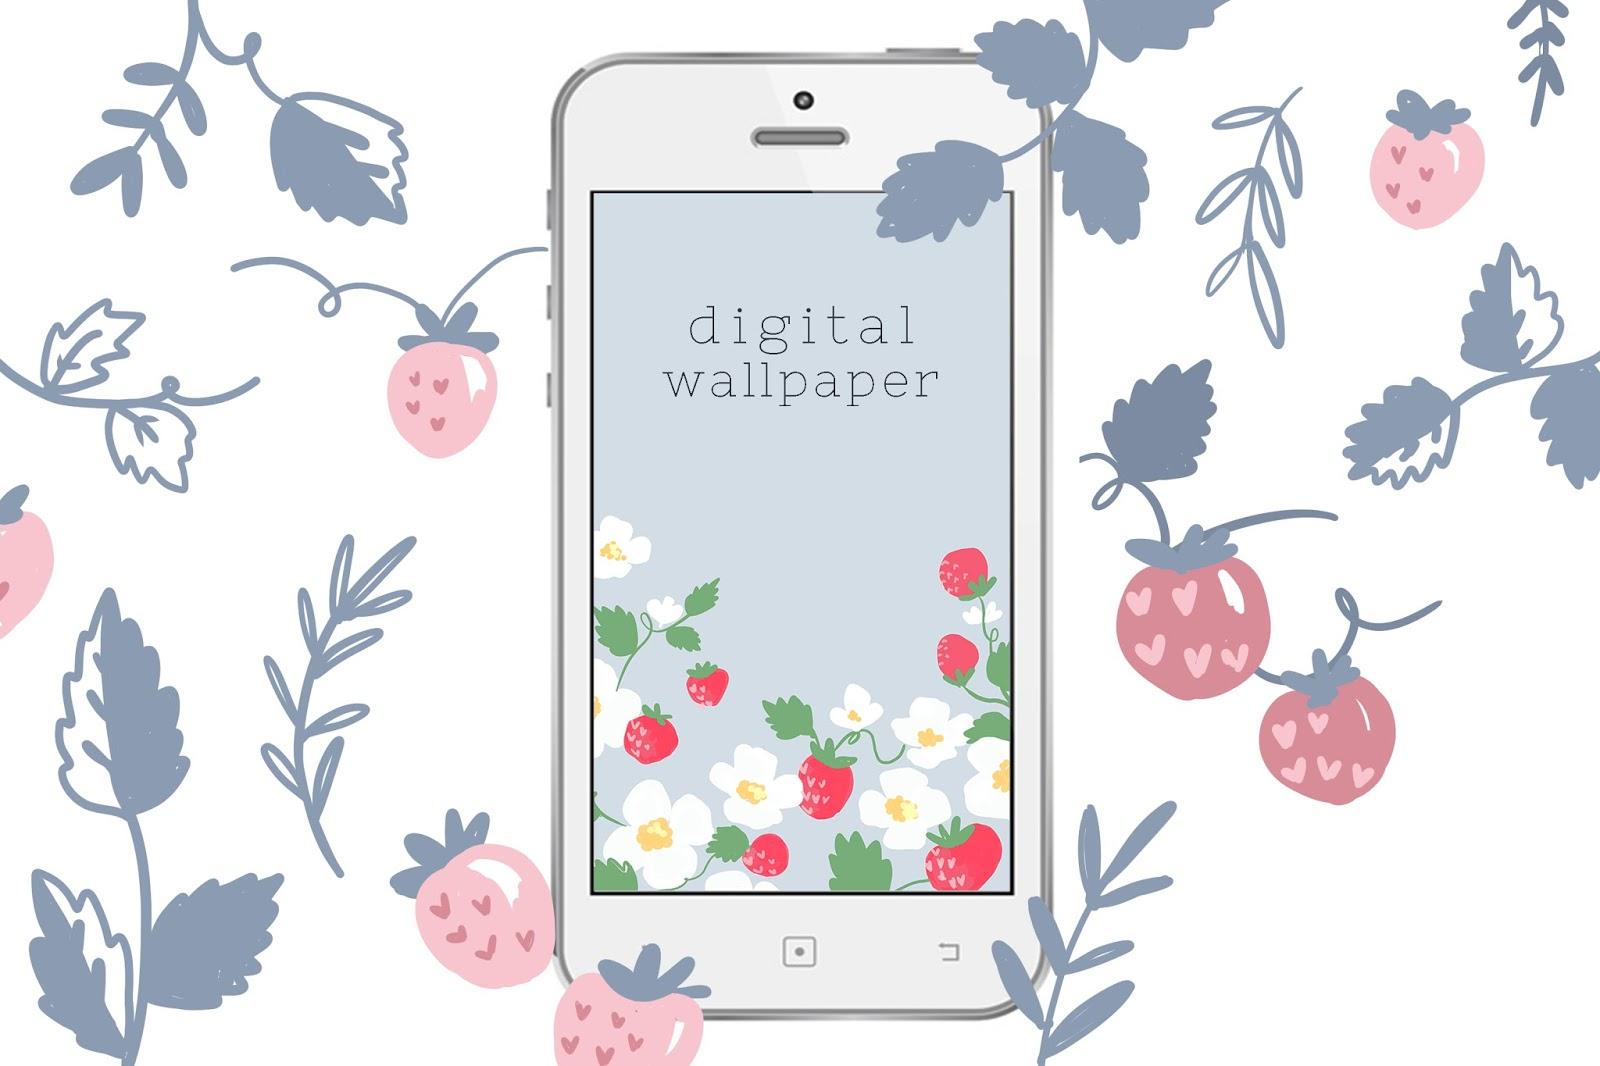 Shayda Campbell Digital Wallpaper Download